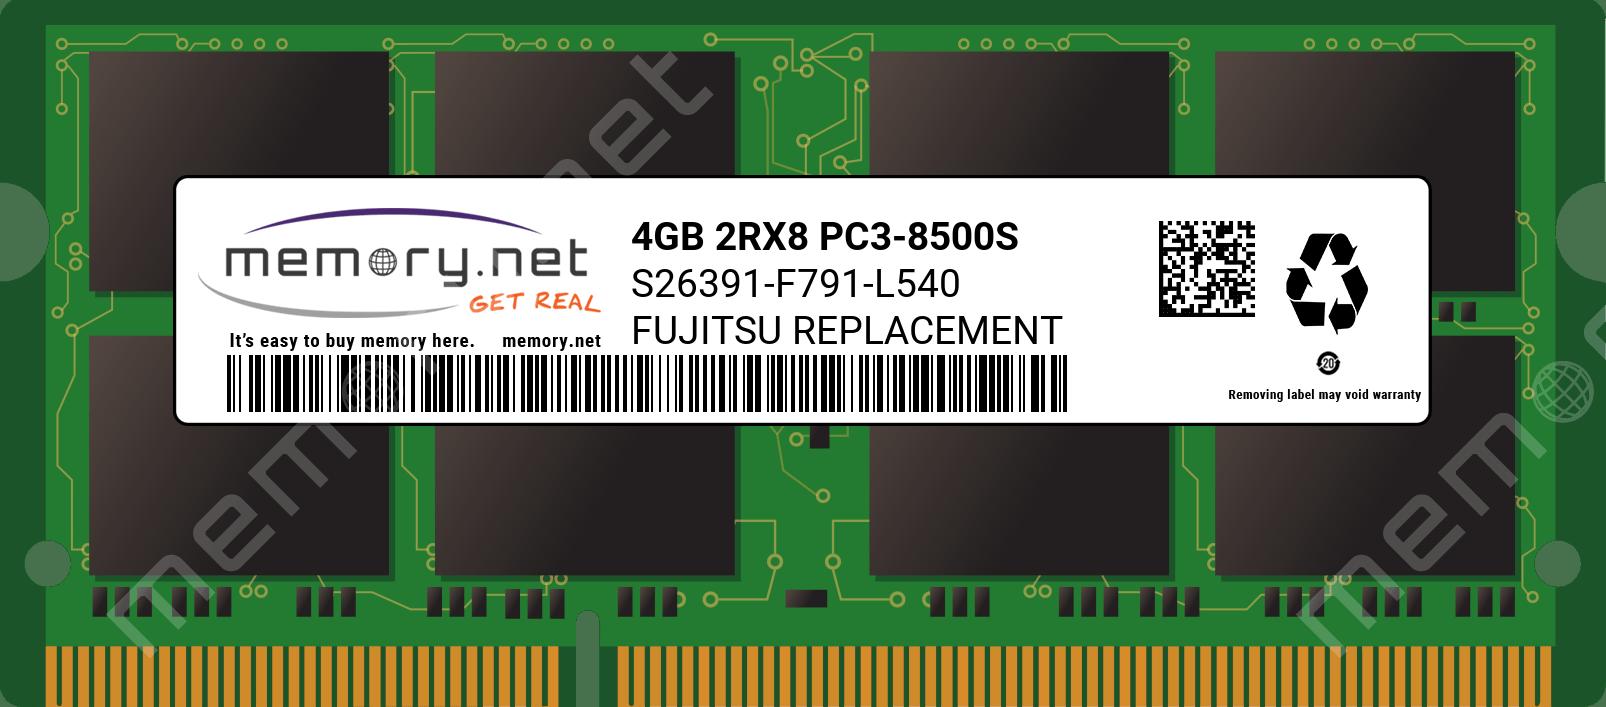 S26391-F791-L540